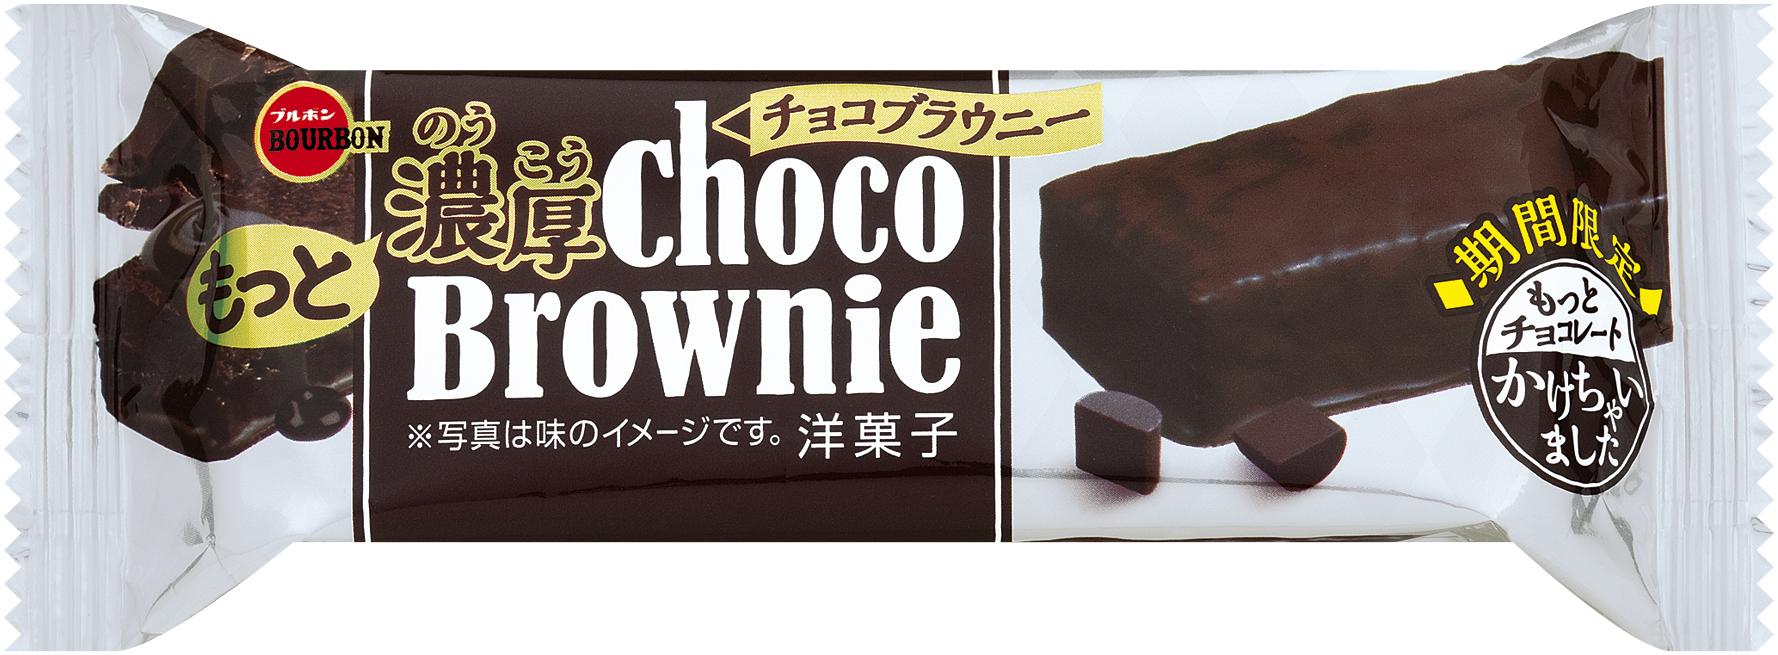 """ブルボン、""""チョコづくし""""のブラウニーに チョコレートの濃厚な味わい 「もっと濃厚チョコブラウニー」を1月22日(火)に新発売!"""